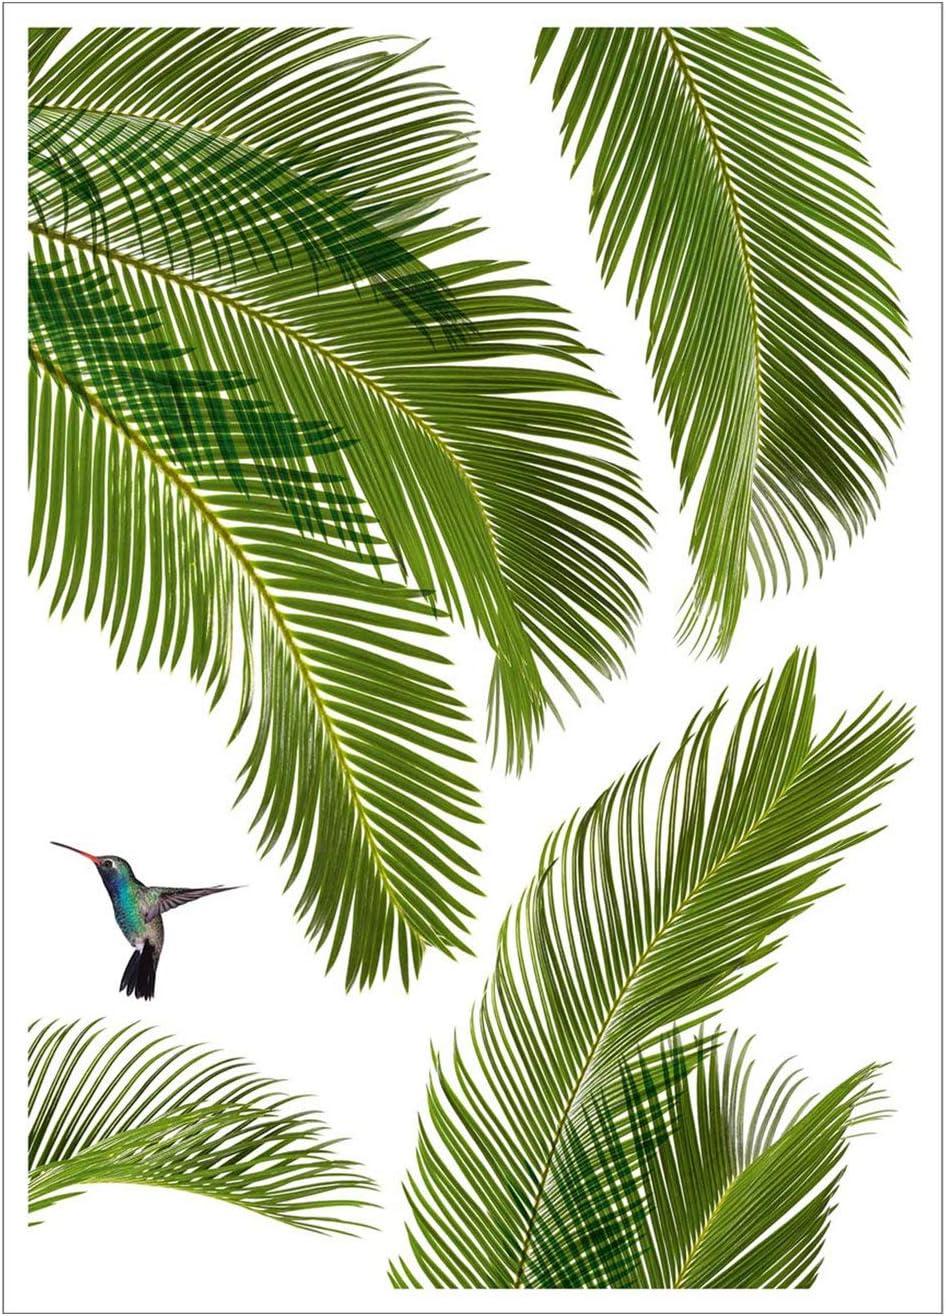 Stickers de Fen/êtres Brise-Vue pour Vitres /Électrostatiques Motif Feuille de Palmier et Oiseaux sans Colle Draeger Repositionnables Vitrines et Surface Lisses